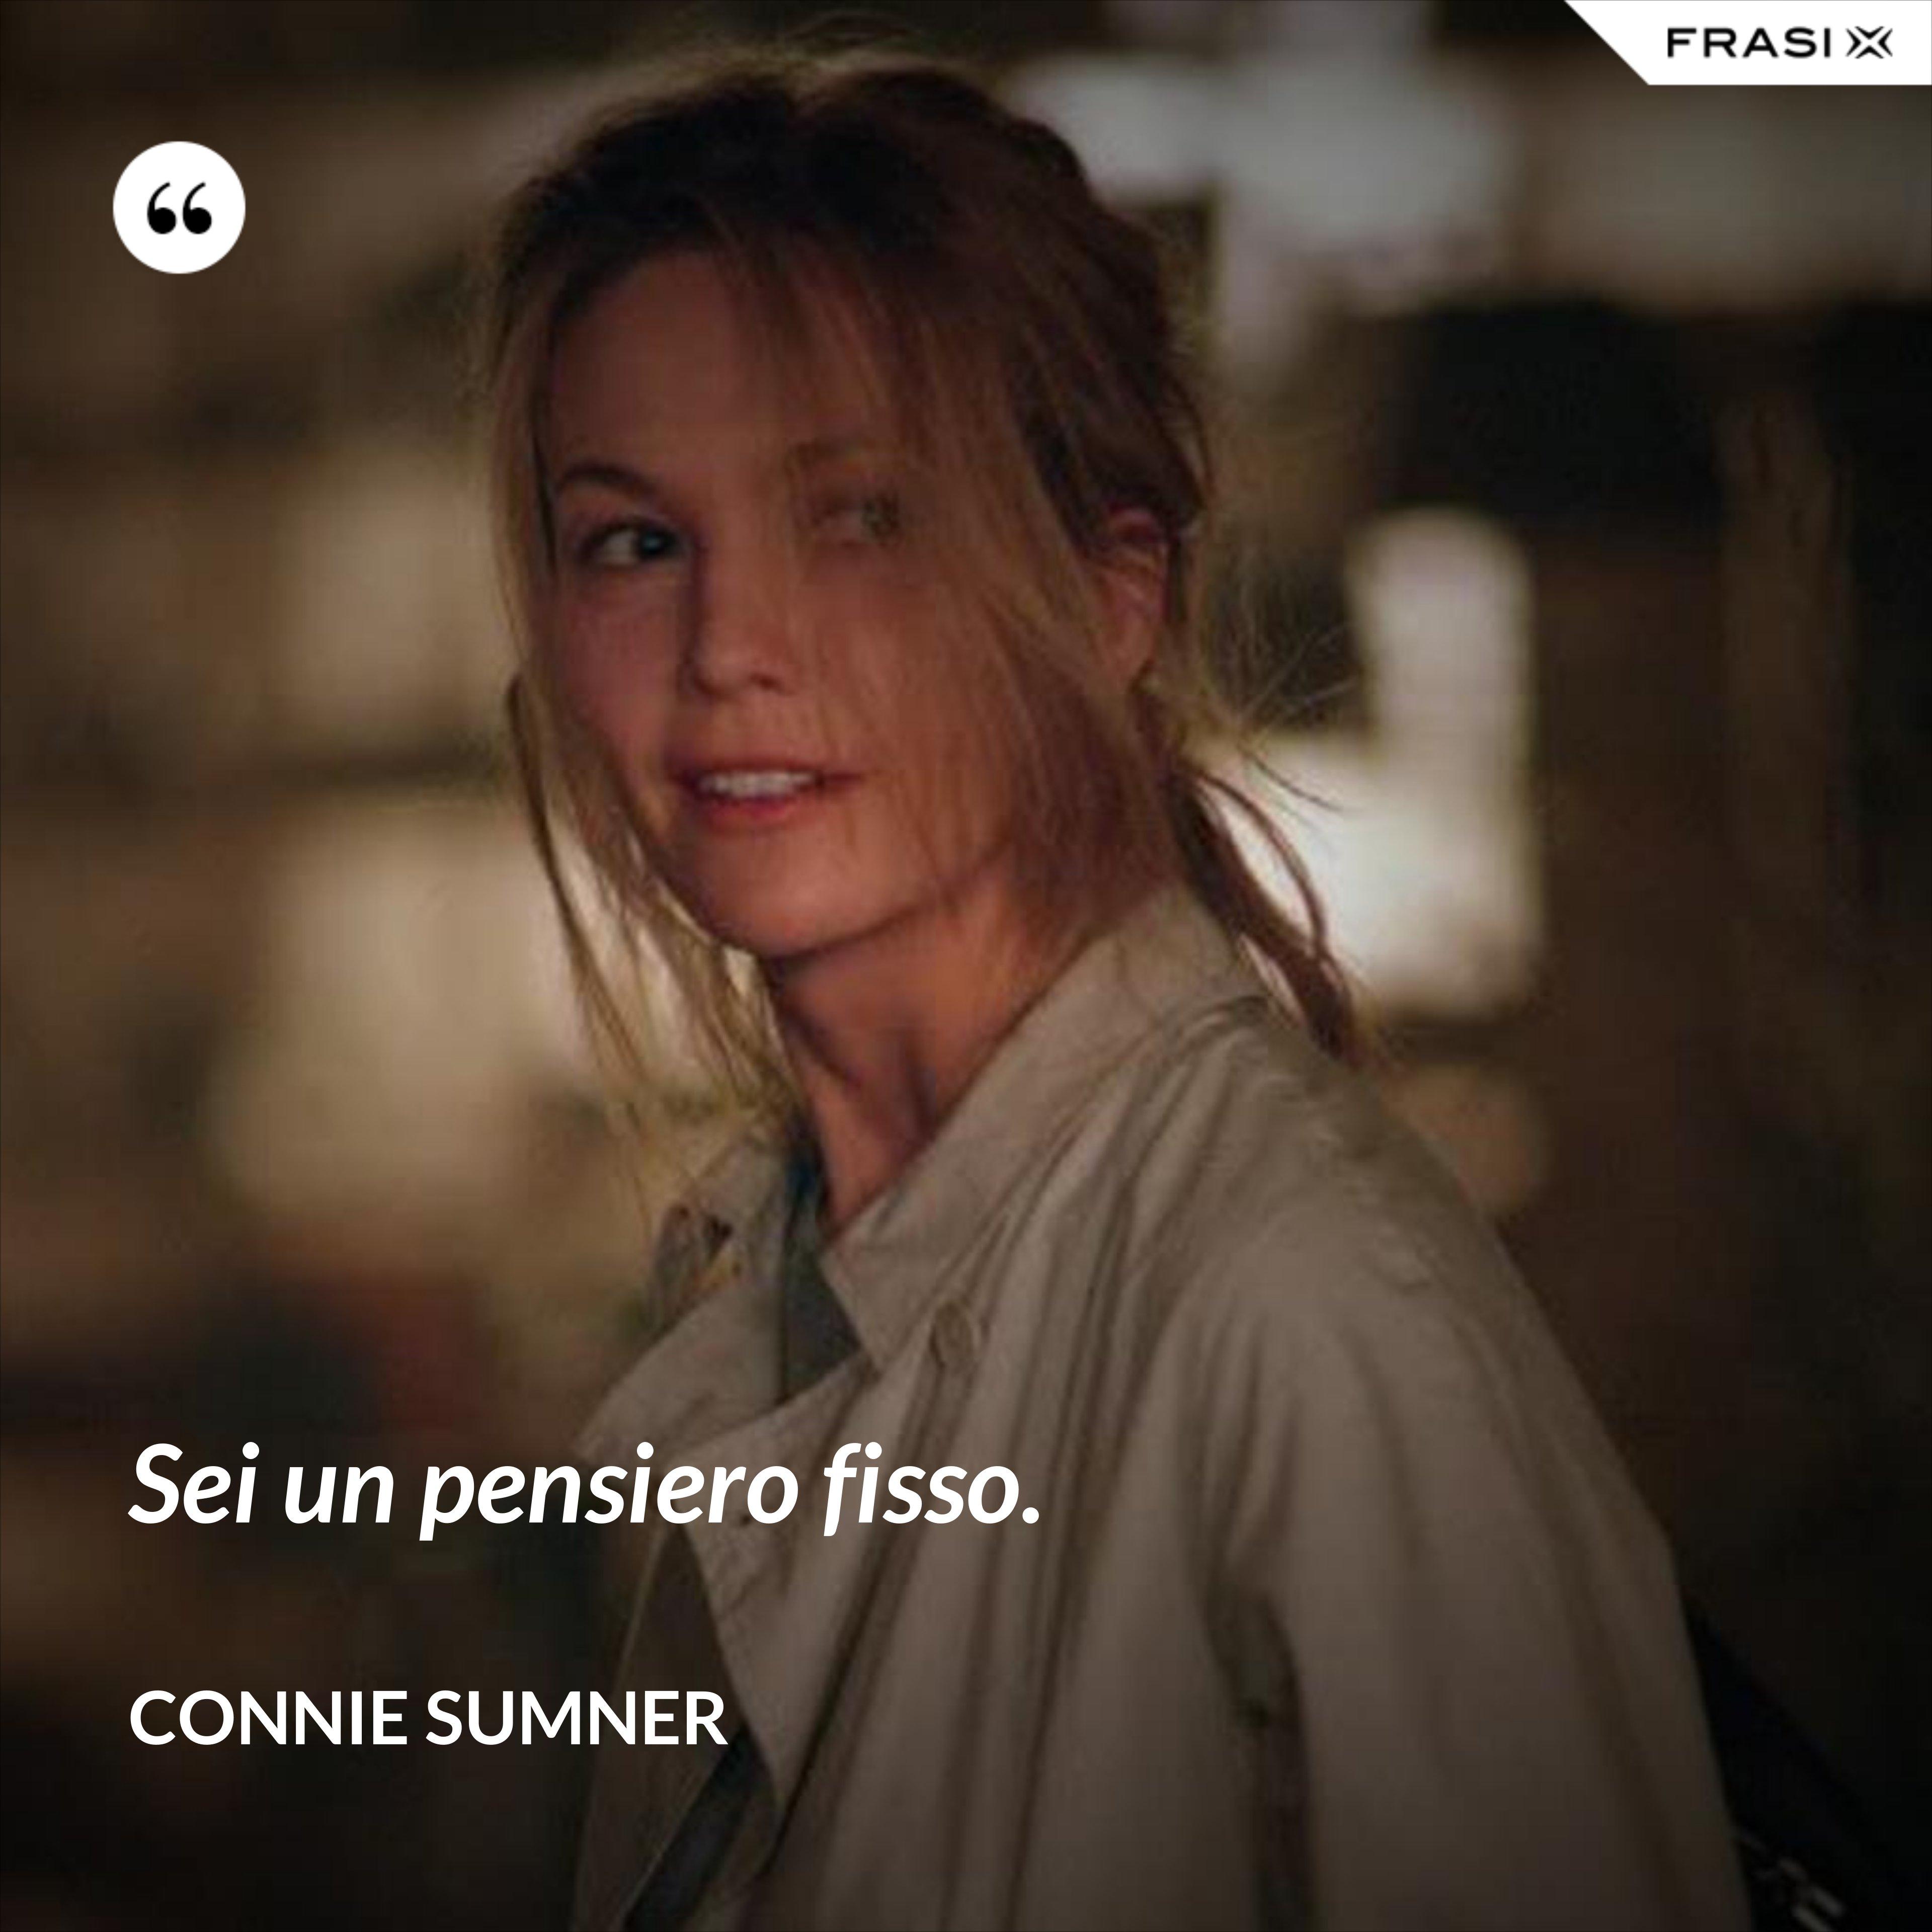 Sei un pensiero fisso. - Connie Sumner